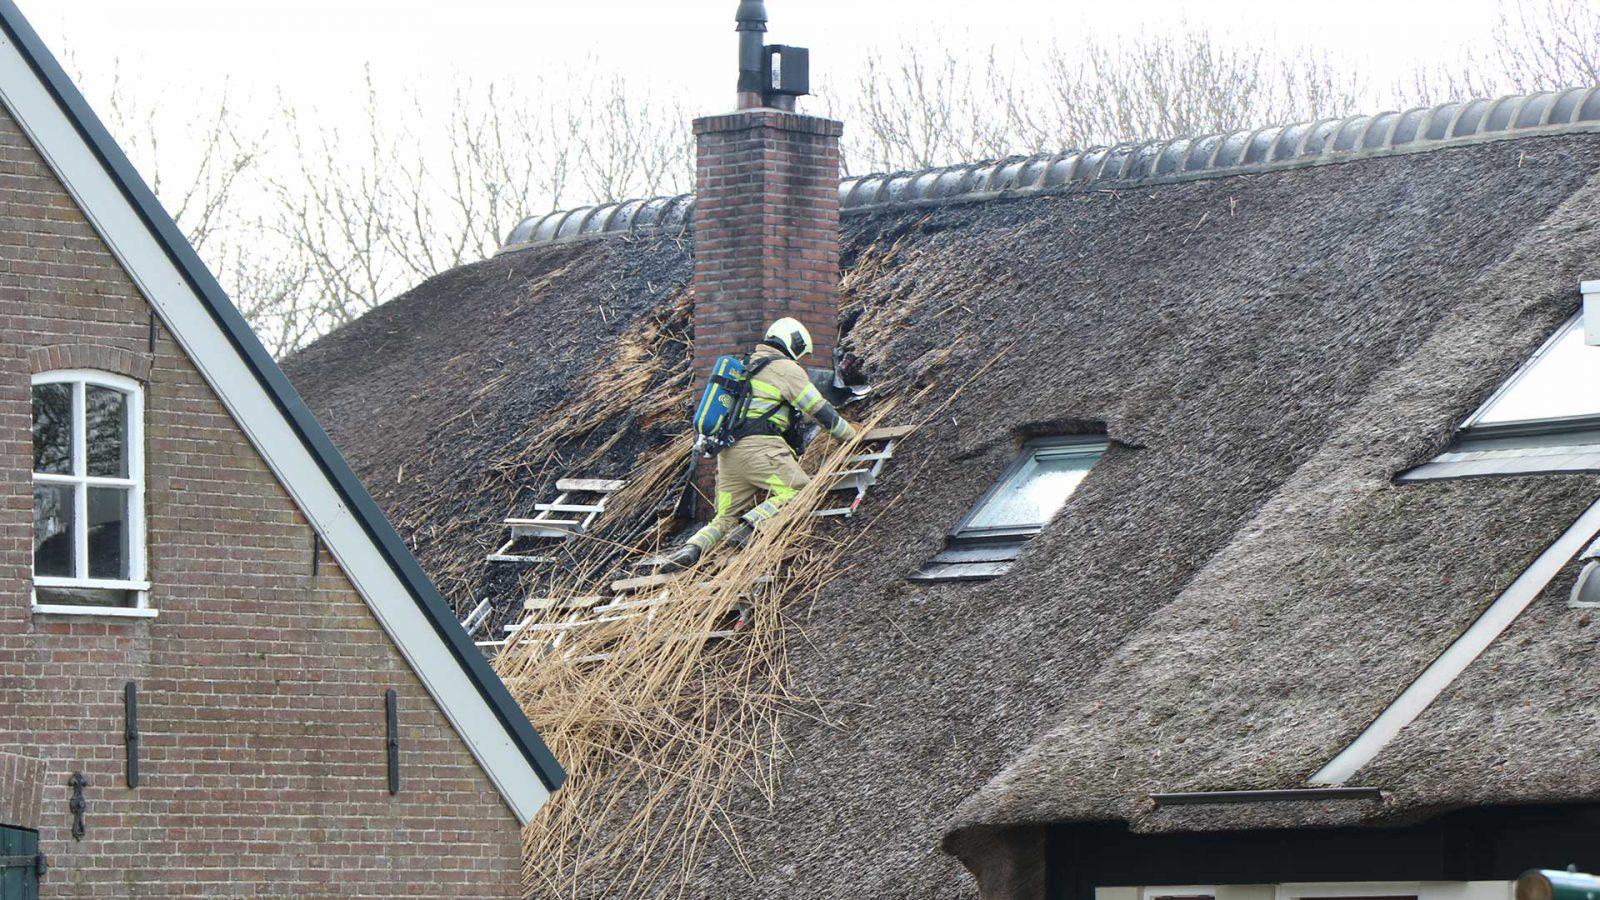 Brandweer rukt groots uit voor brand bij rietenkap woonboerderij.